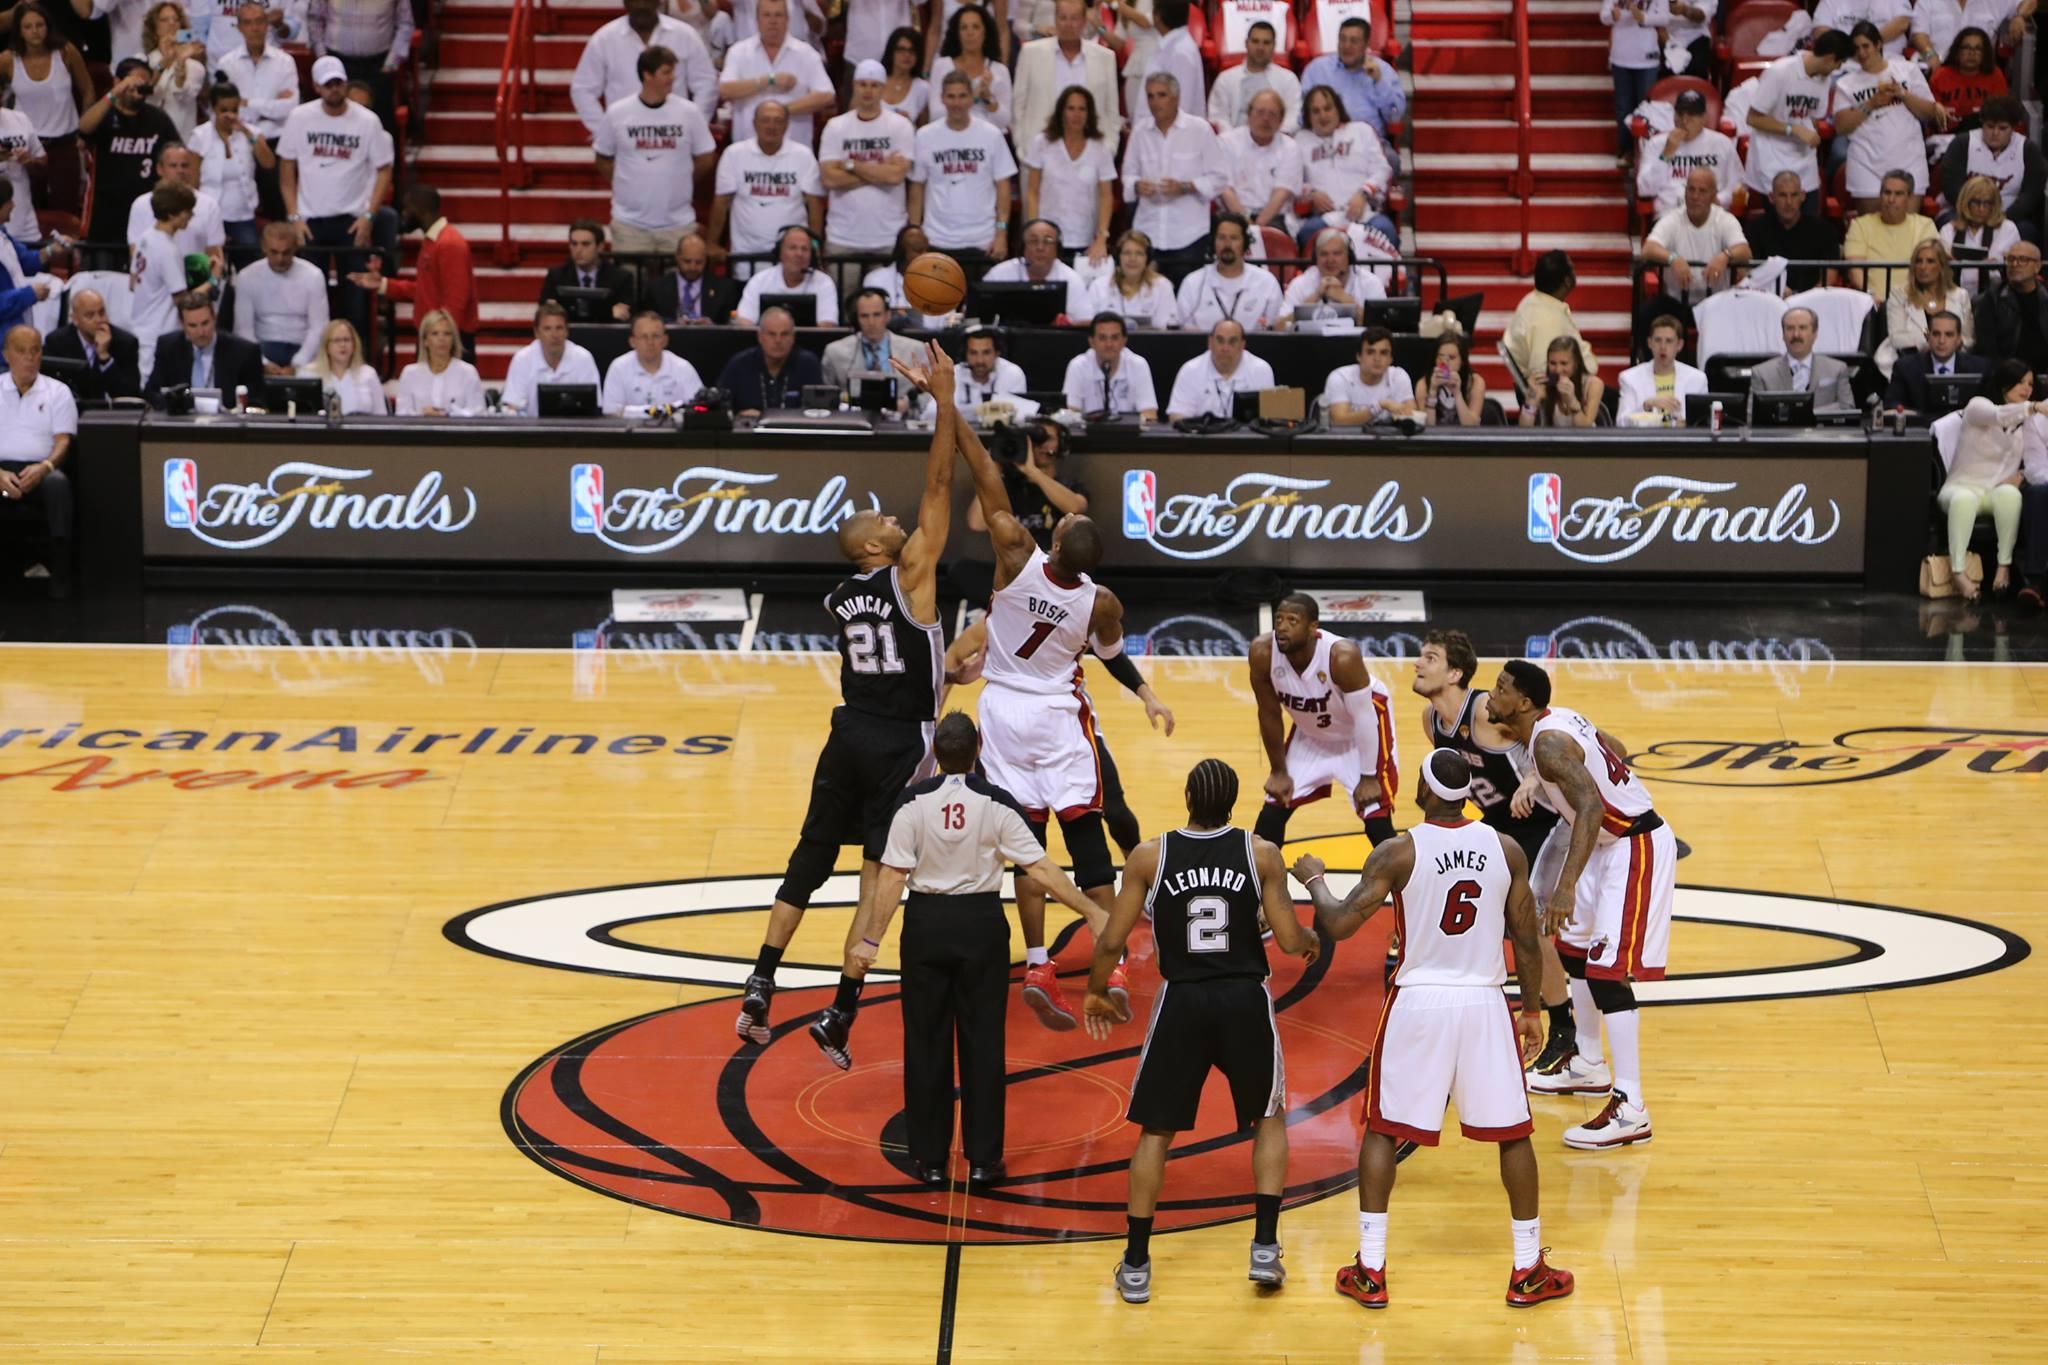 Propietarios multimillonarios de la NBA 2020 en tiempos del Covid-19